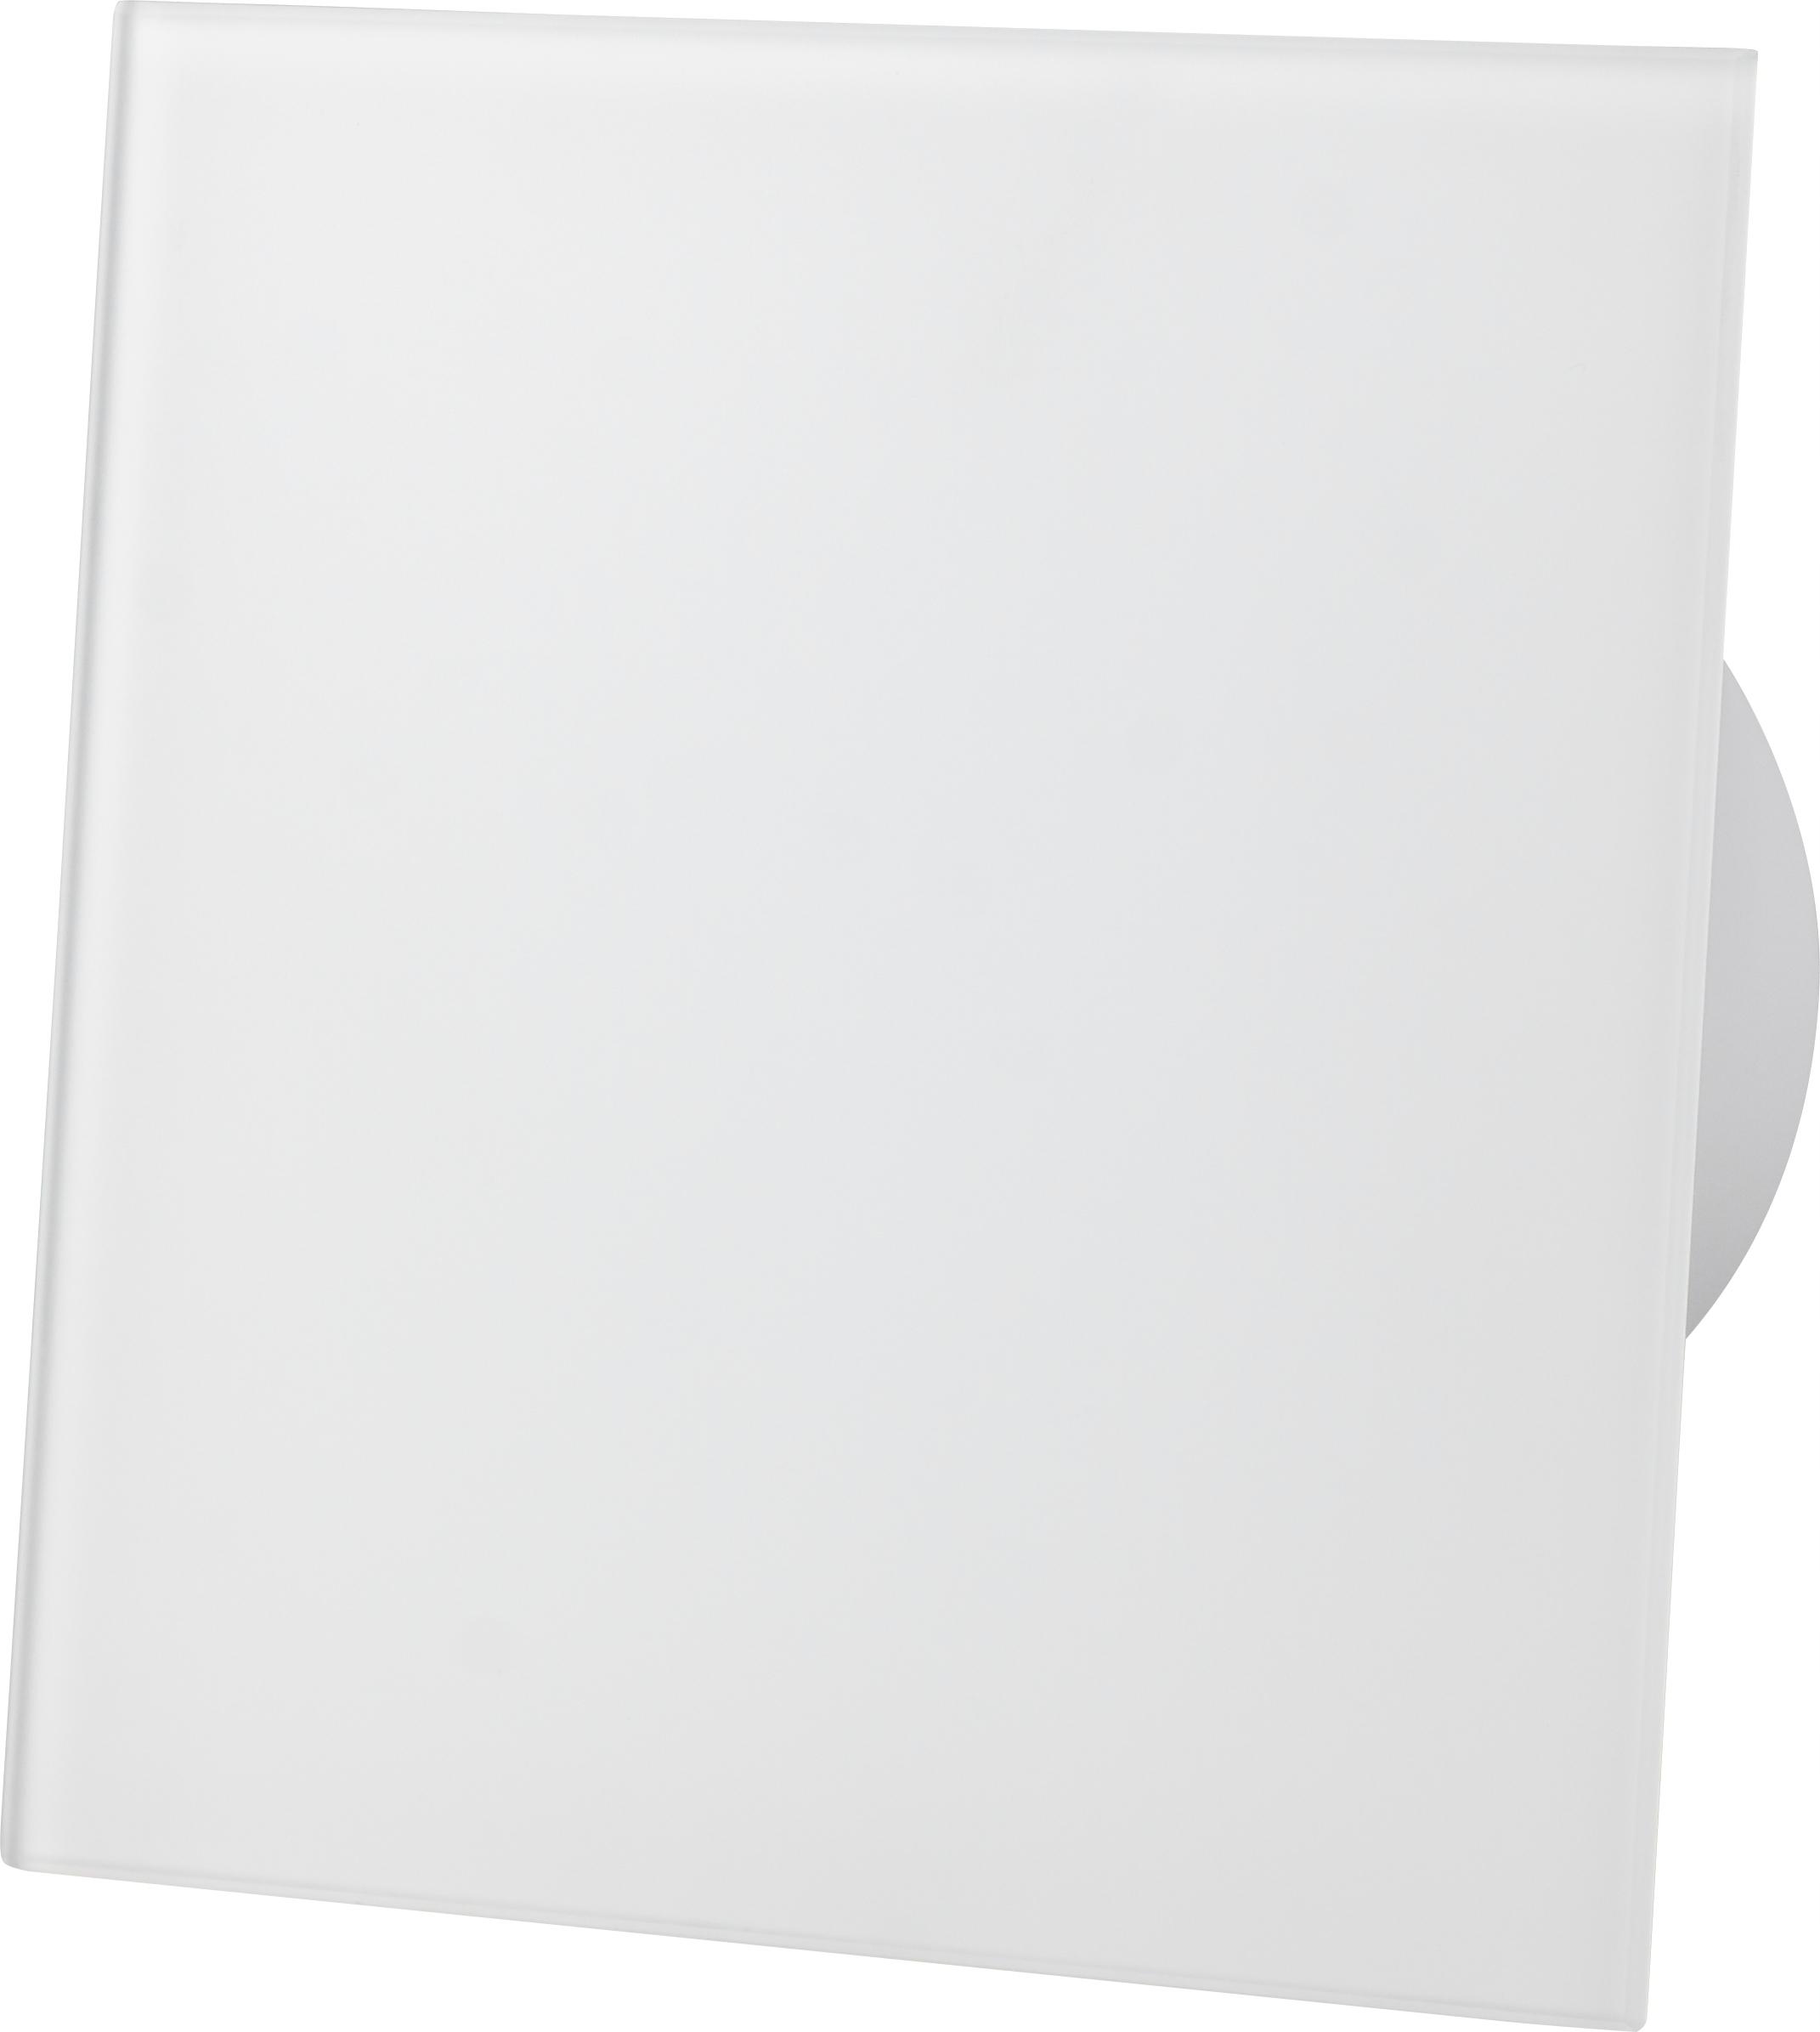 Kratka wentylacyjna 150x150mm biały mat szkło